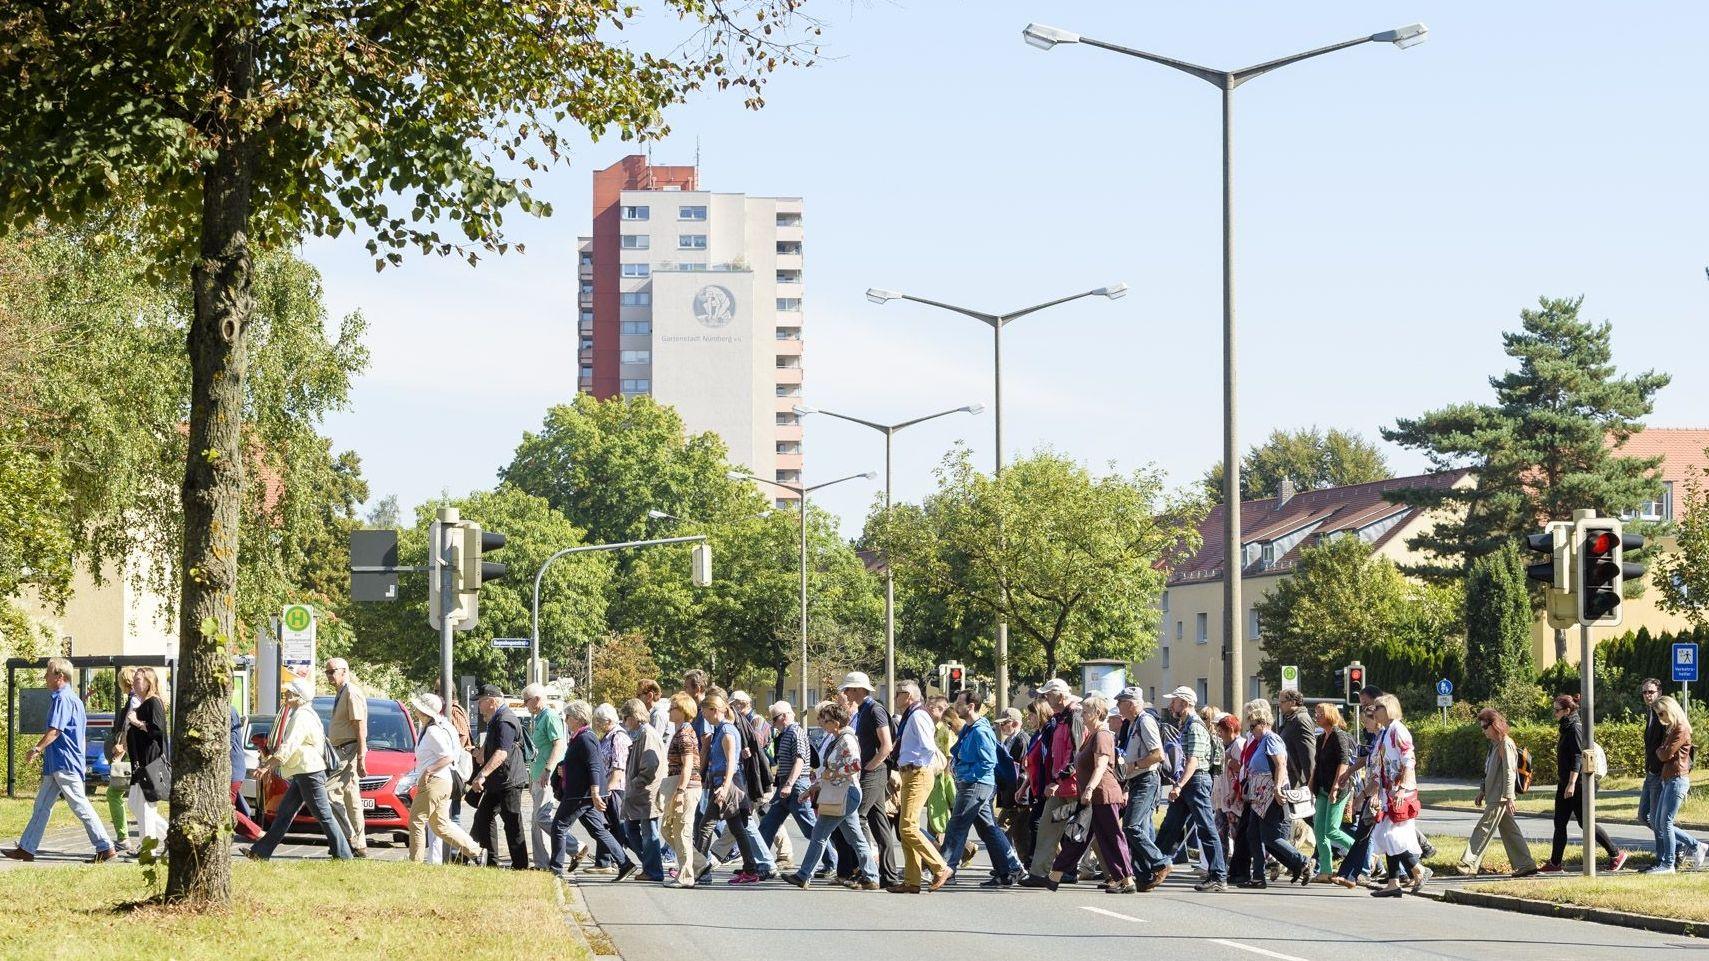 Eine Gruppe von Menschen kreuzt die Straße bei der Stadtverführung in der Nürnberger Gartenstadt